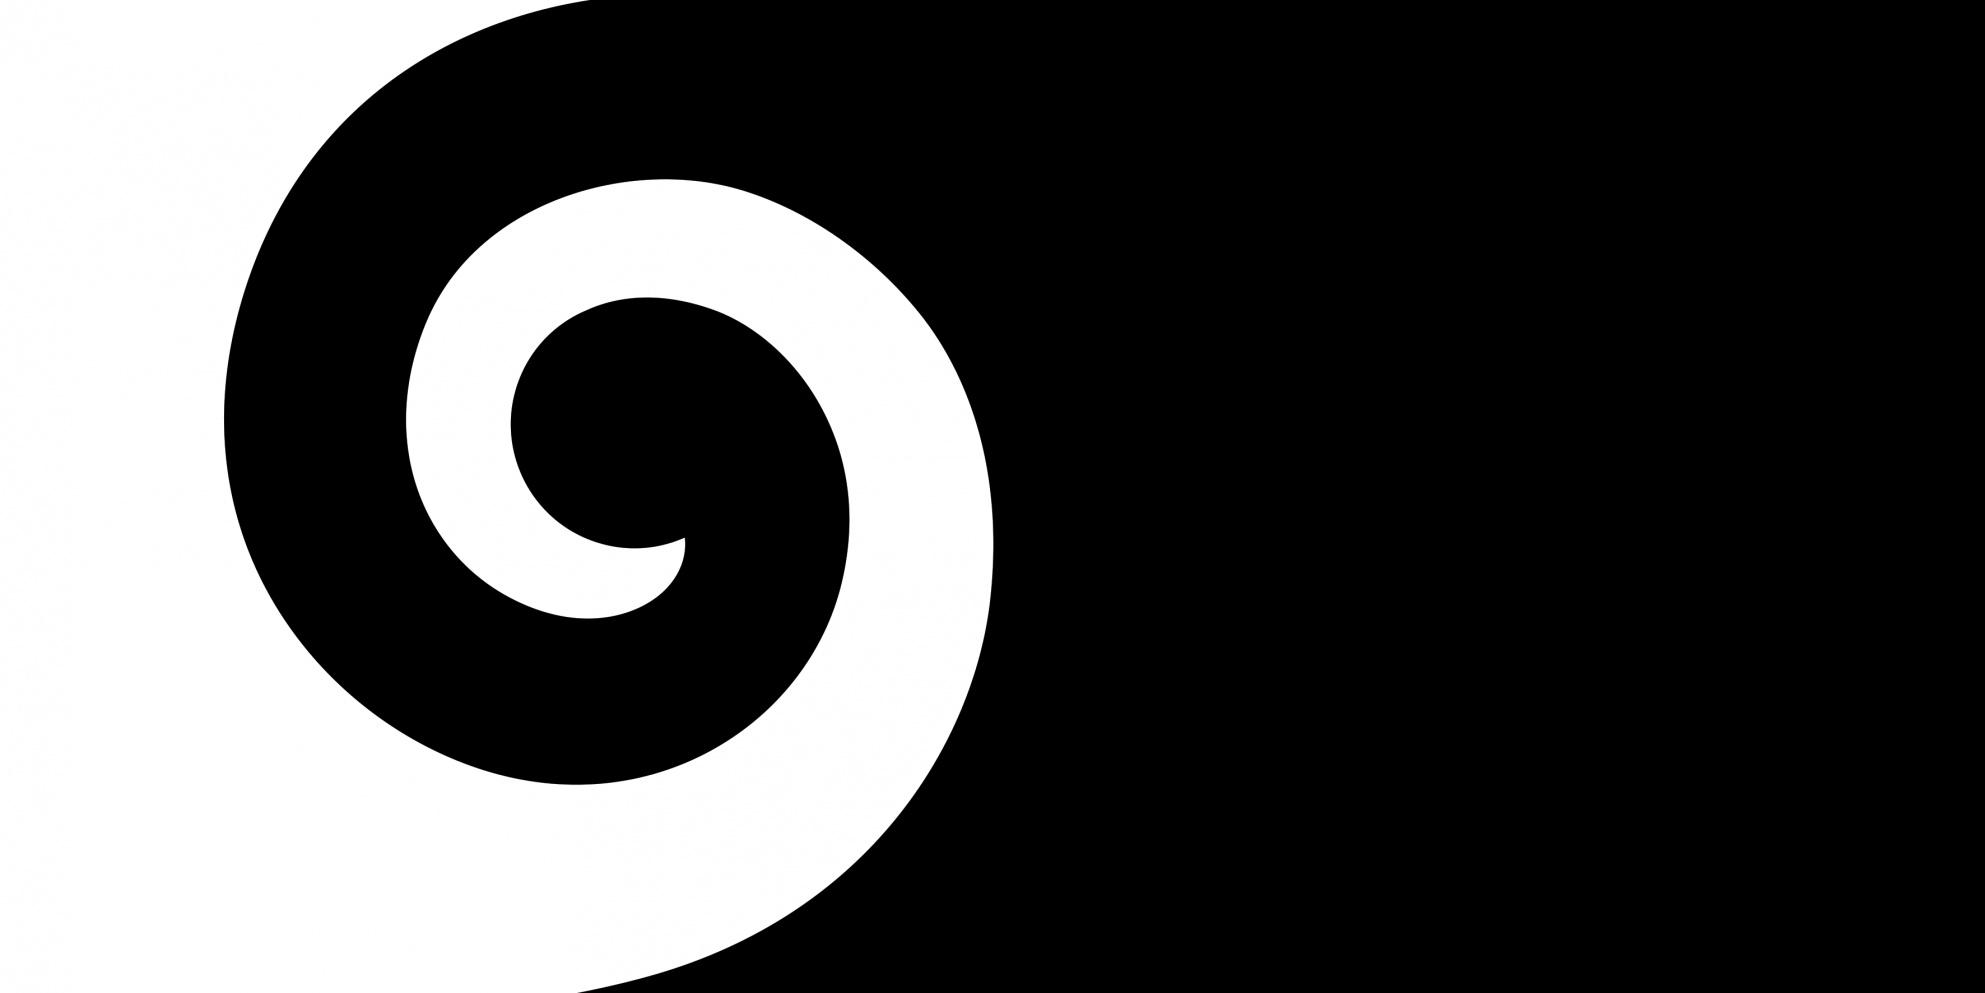 Image of the Koru flag.